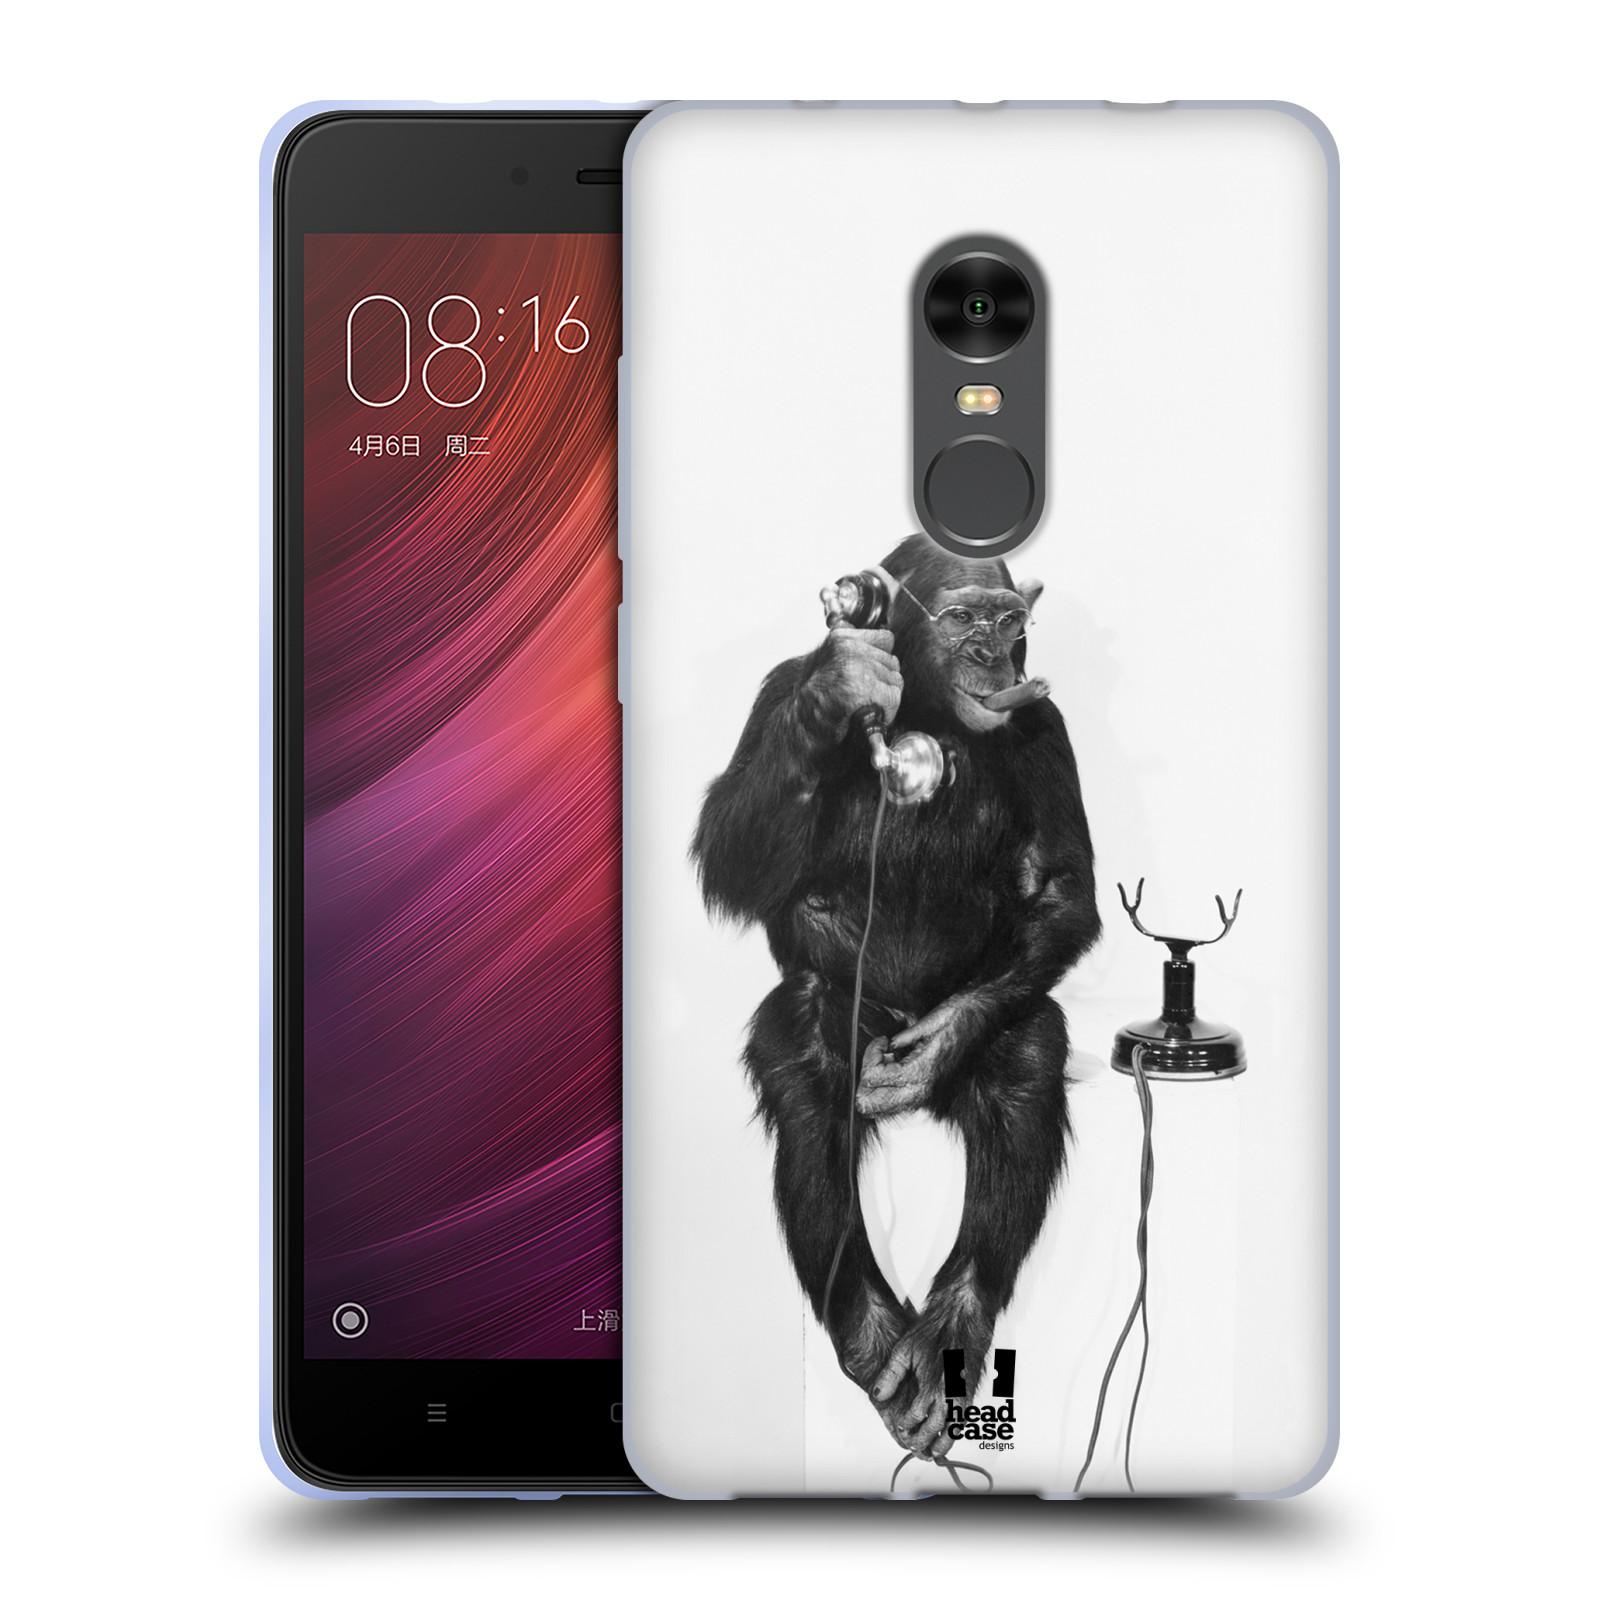 Silikonové pouzdro na mobil Xiaomi Redmi Note 4 - Head Case - OPIČÁK S TELEFONEM (Silikonový kryt či obal na mobilní telefon Xiaomi Redmi Note 4 s motivem OPIČÁK S TELEFONEM)